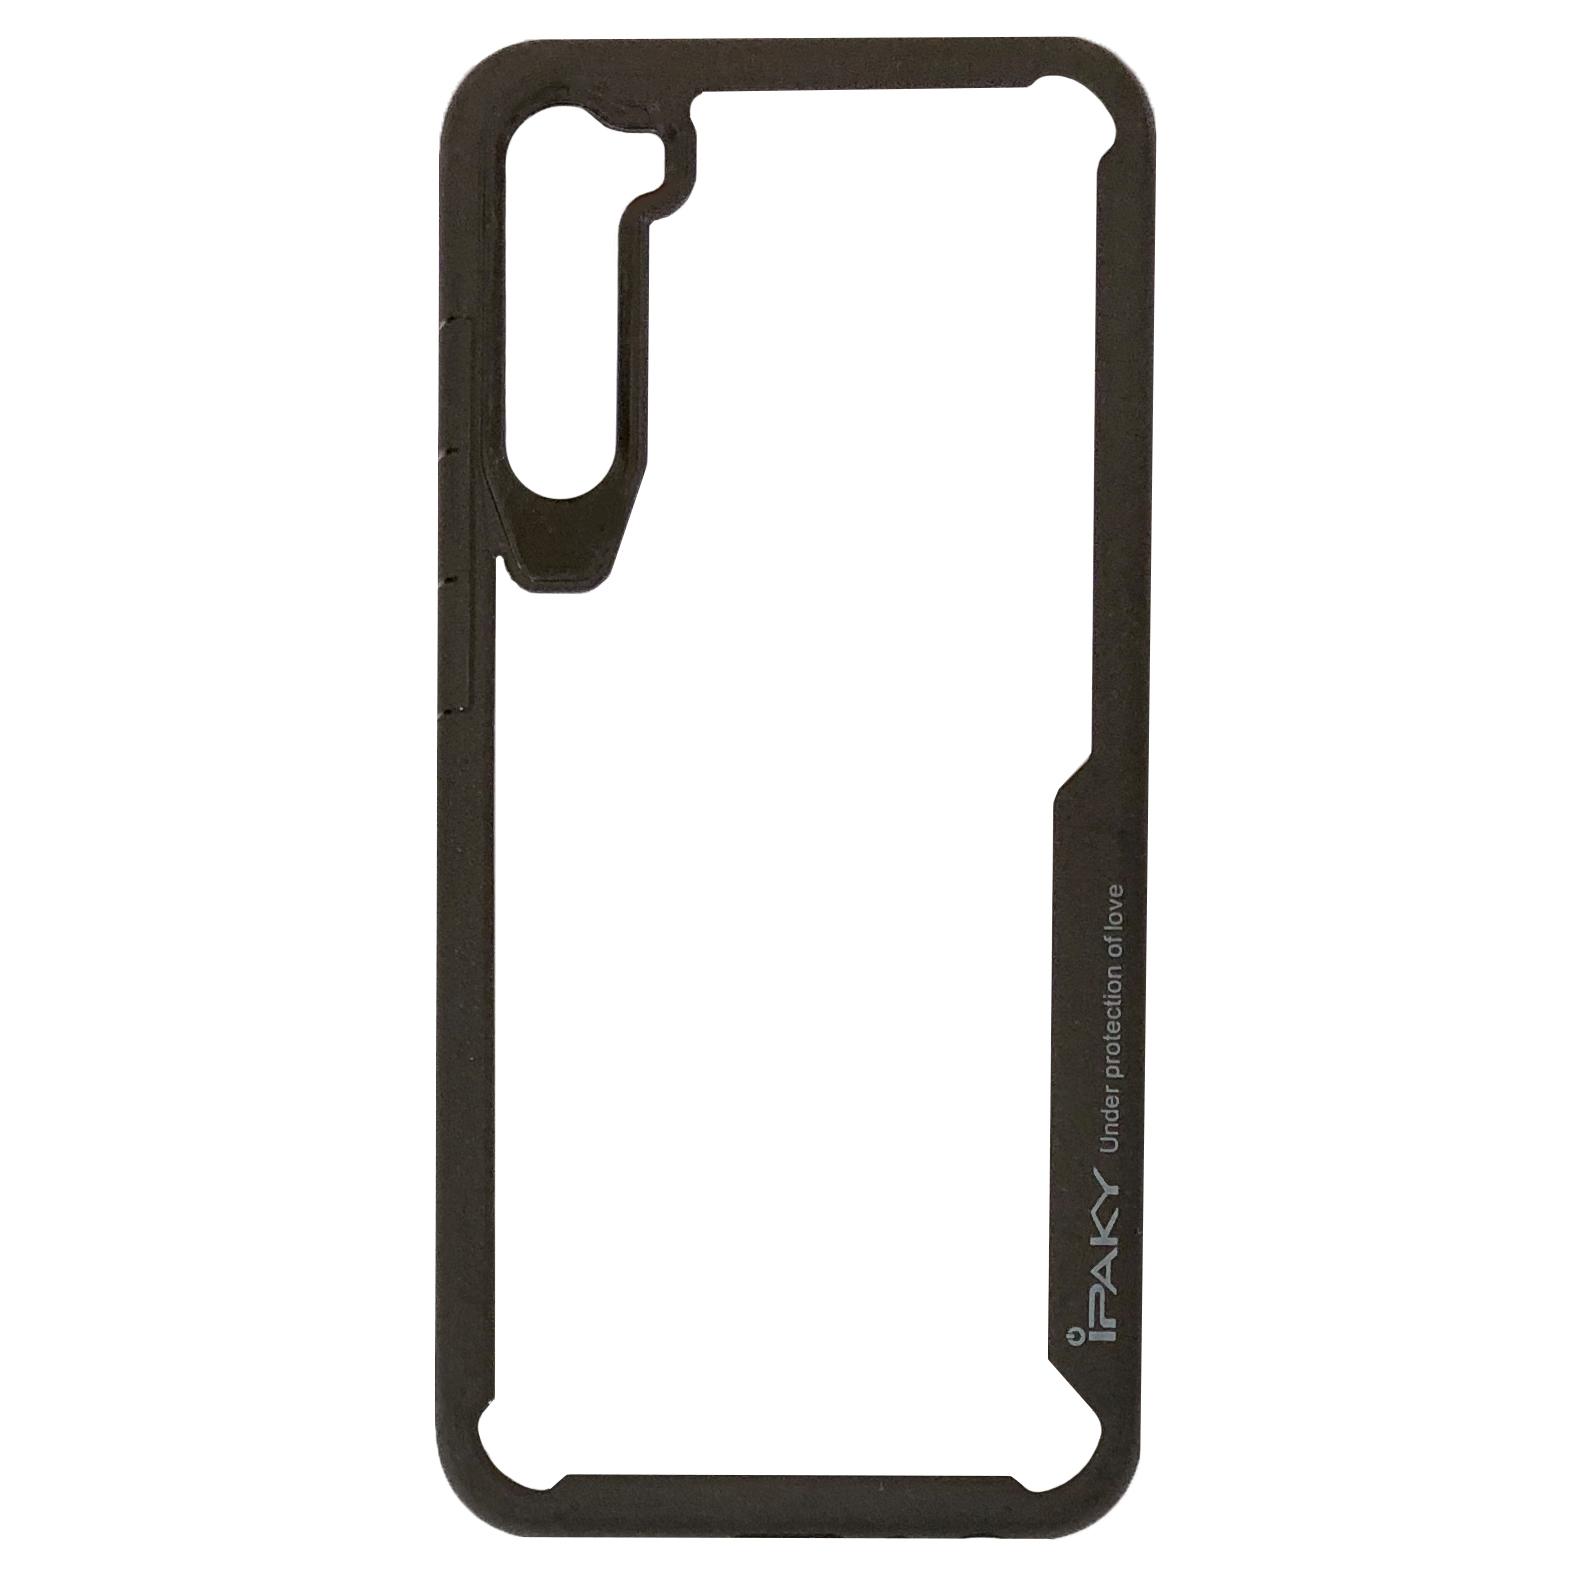 کاور آیپکی مدل PY-005 مناسب برای گوشی موبایل شیائومی Redmi Note 8